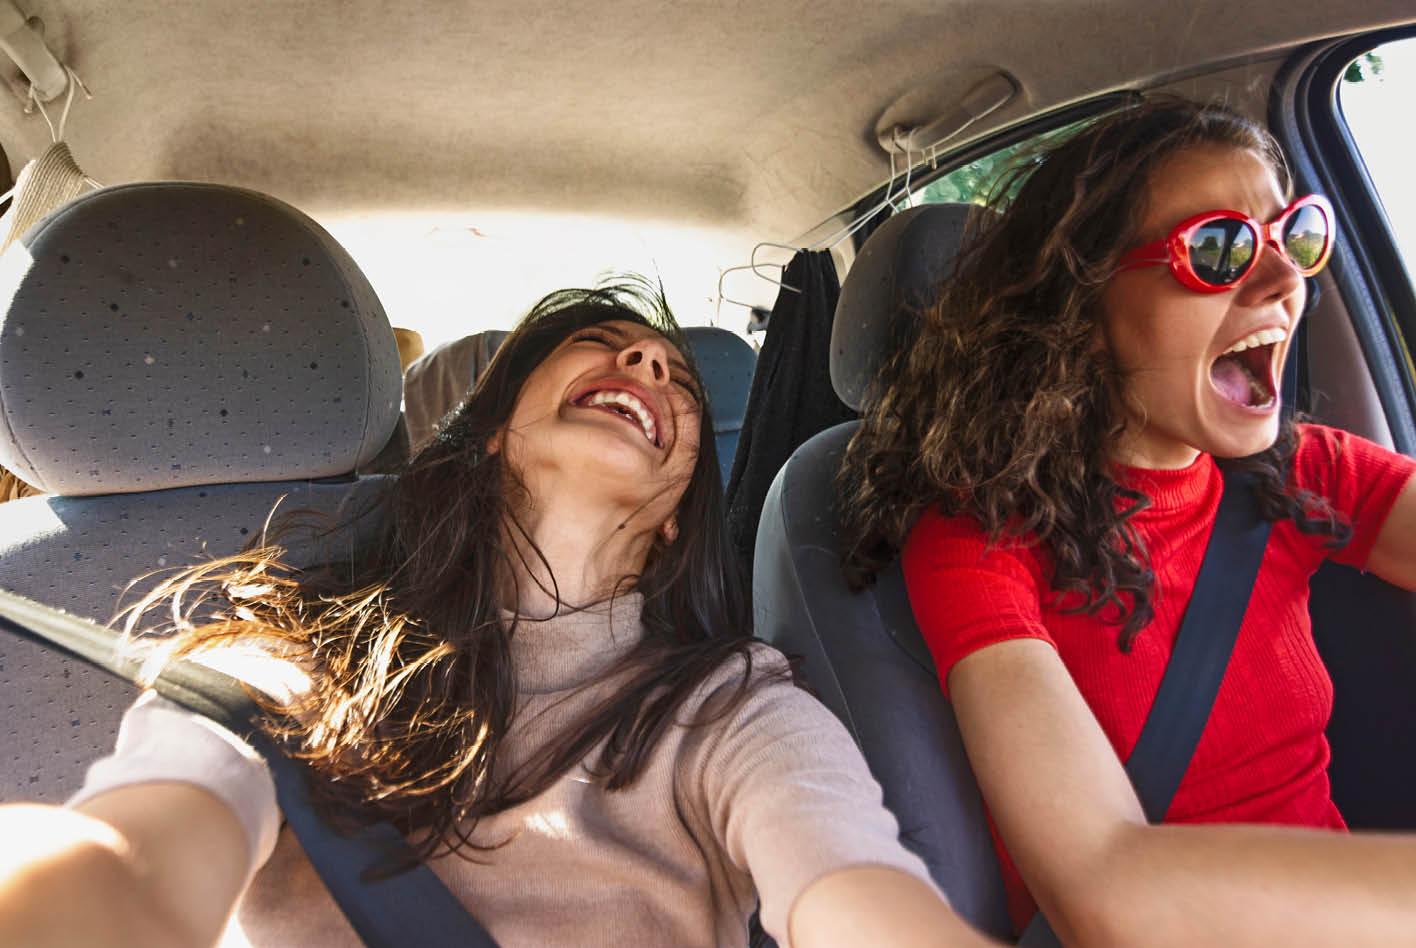 Verkehrsrecht: Kann man im Auto zu laut Musik hören?